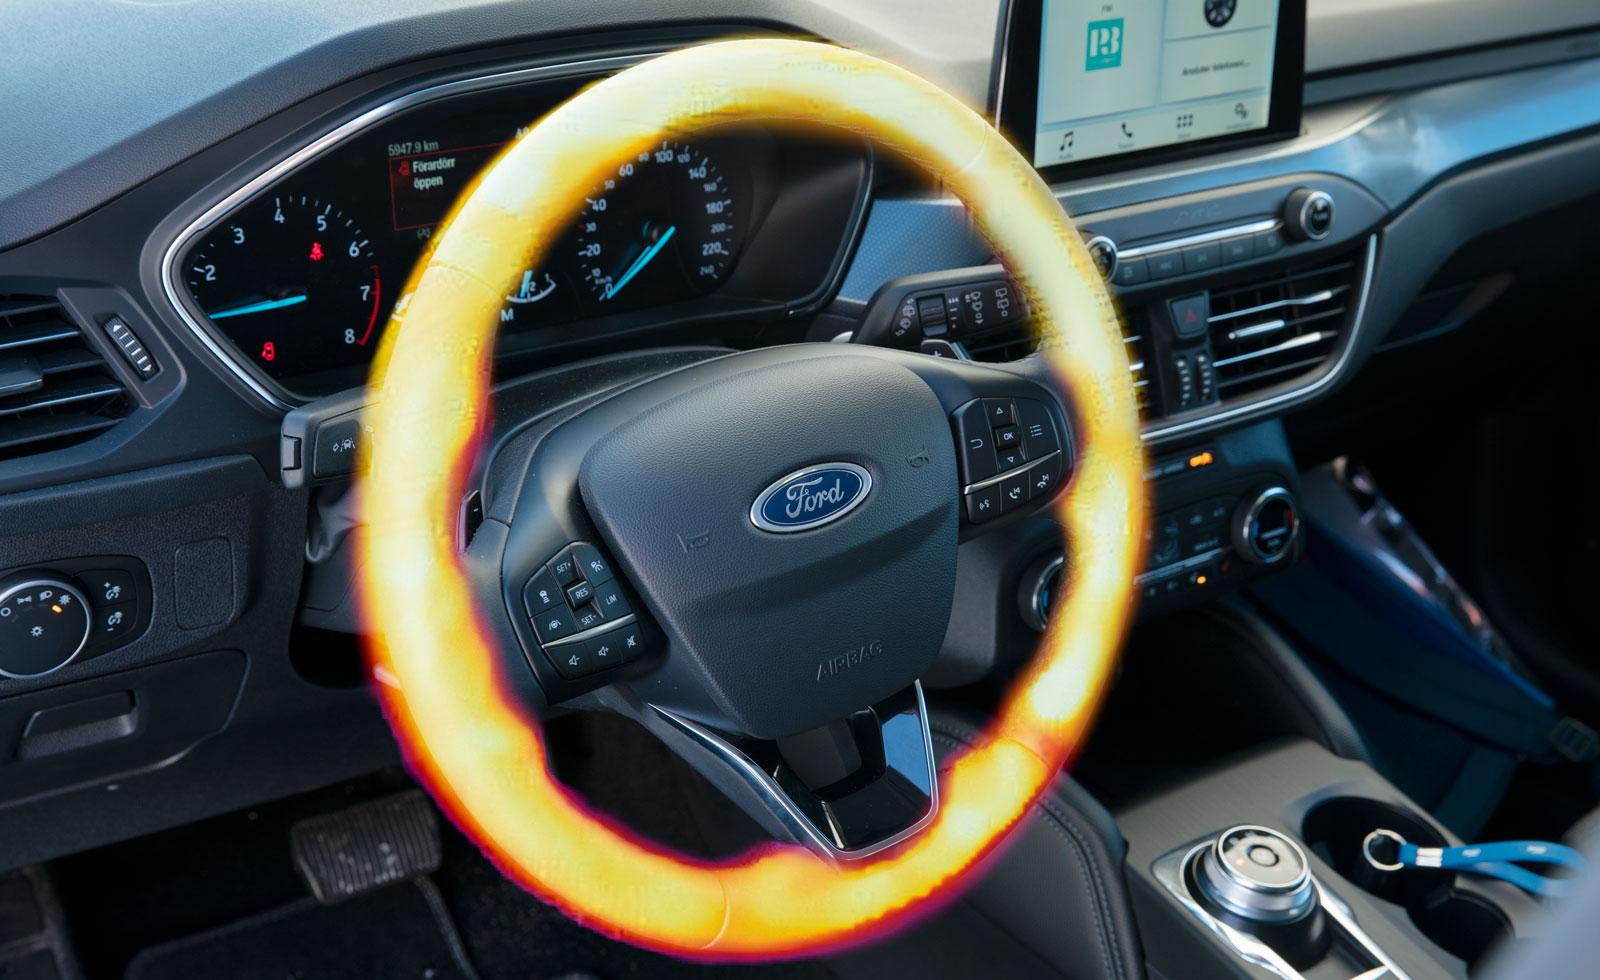 Fords rattvärme skenade raskt upp i maxtemperatur.